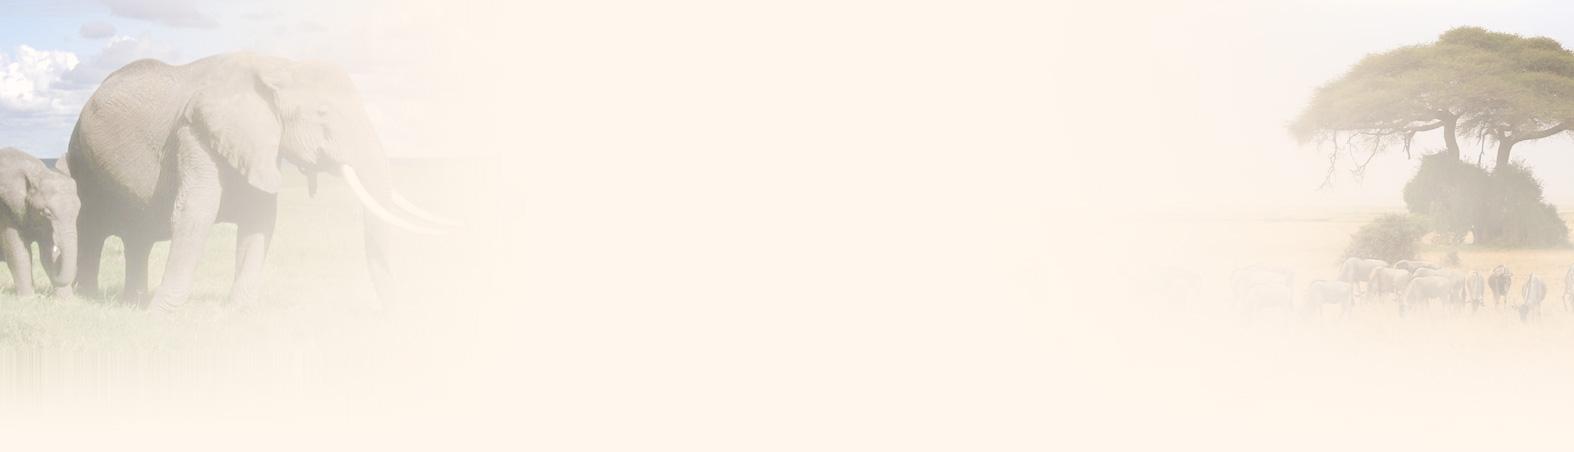 2014网络春晚节目单_肯尼亚_网络春晚_央视网(cctv.com)